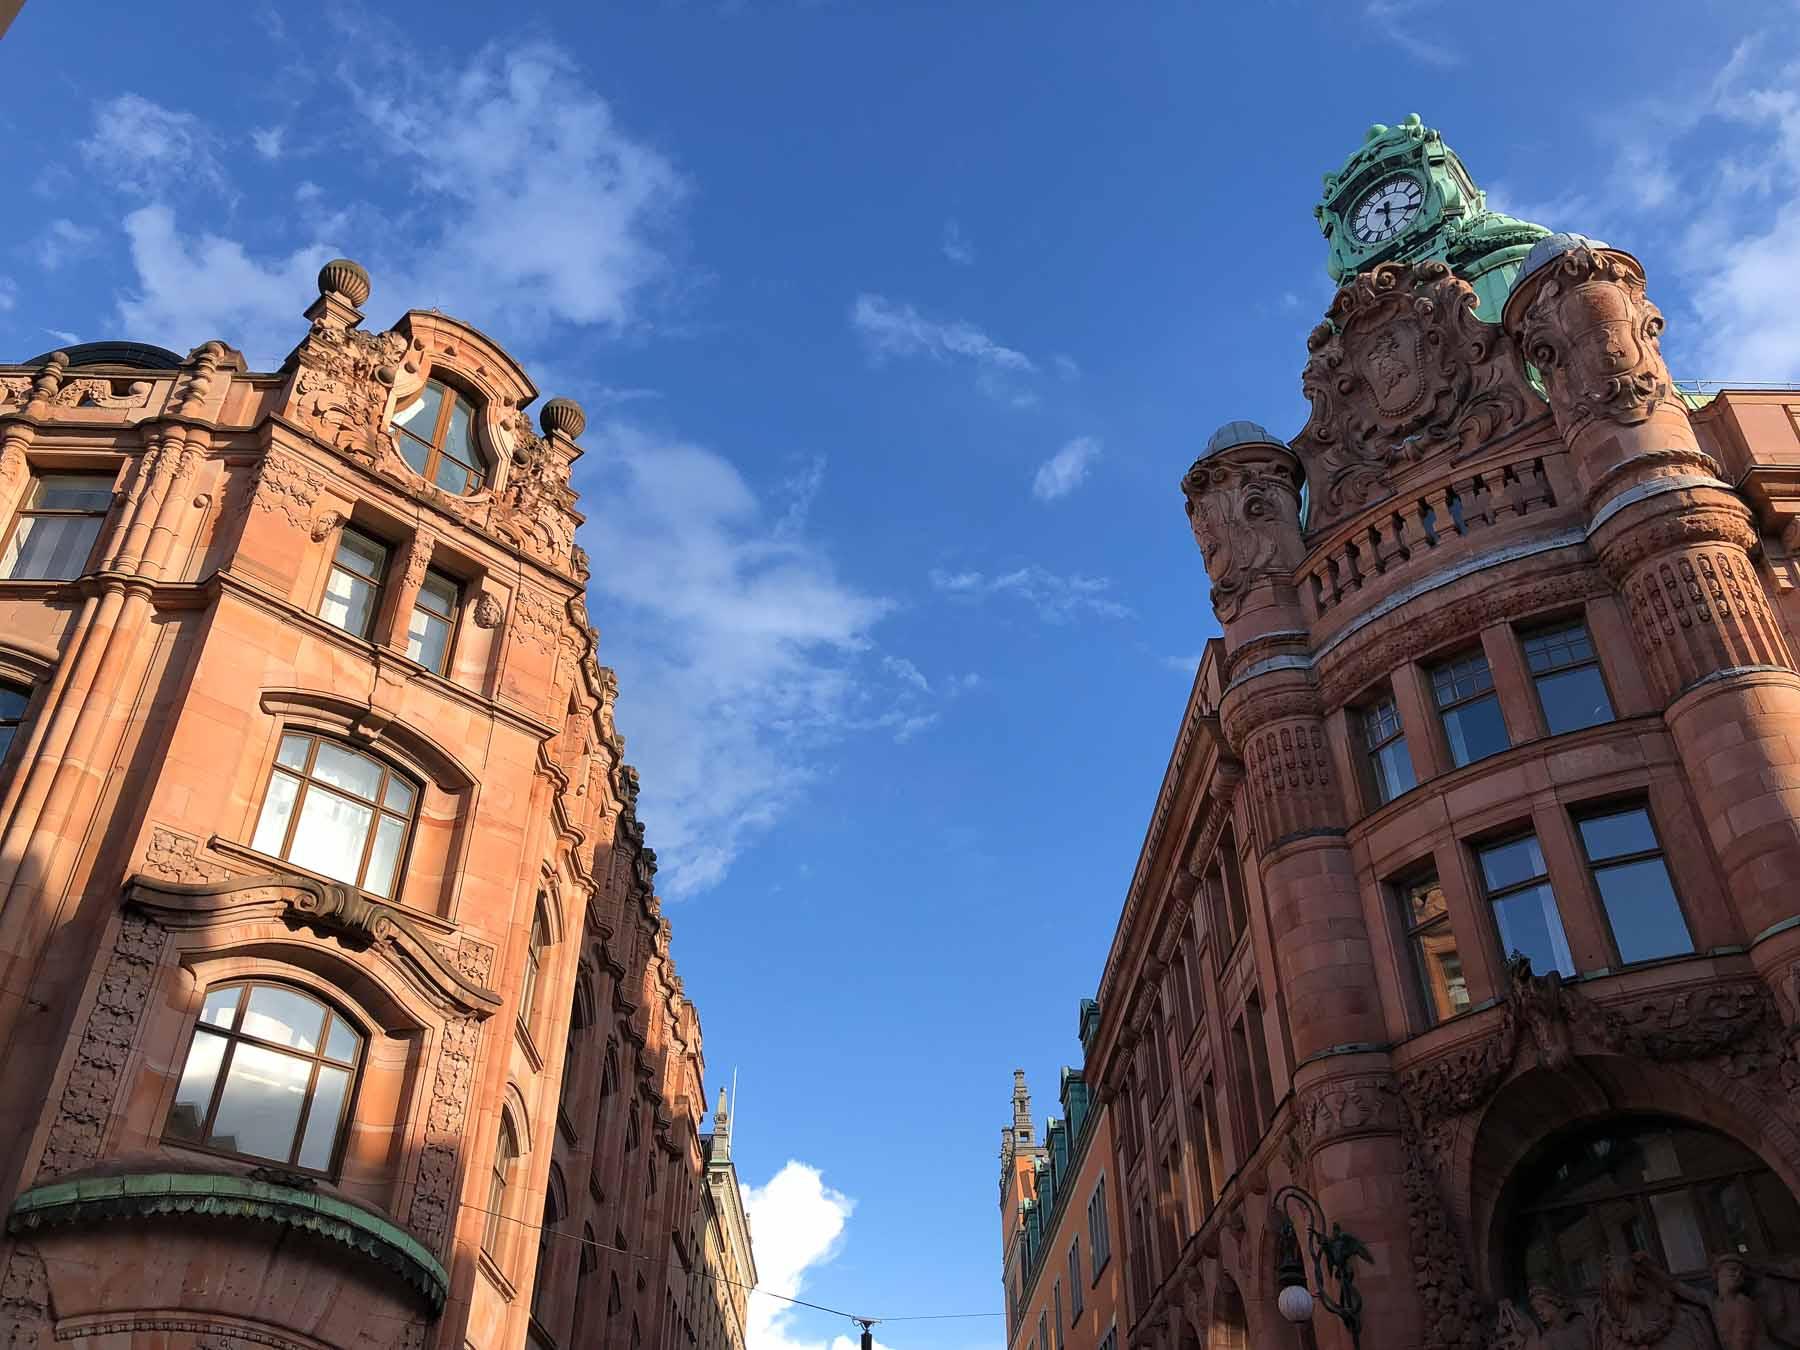 Nach einem schönen Tag in Stockholm...